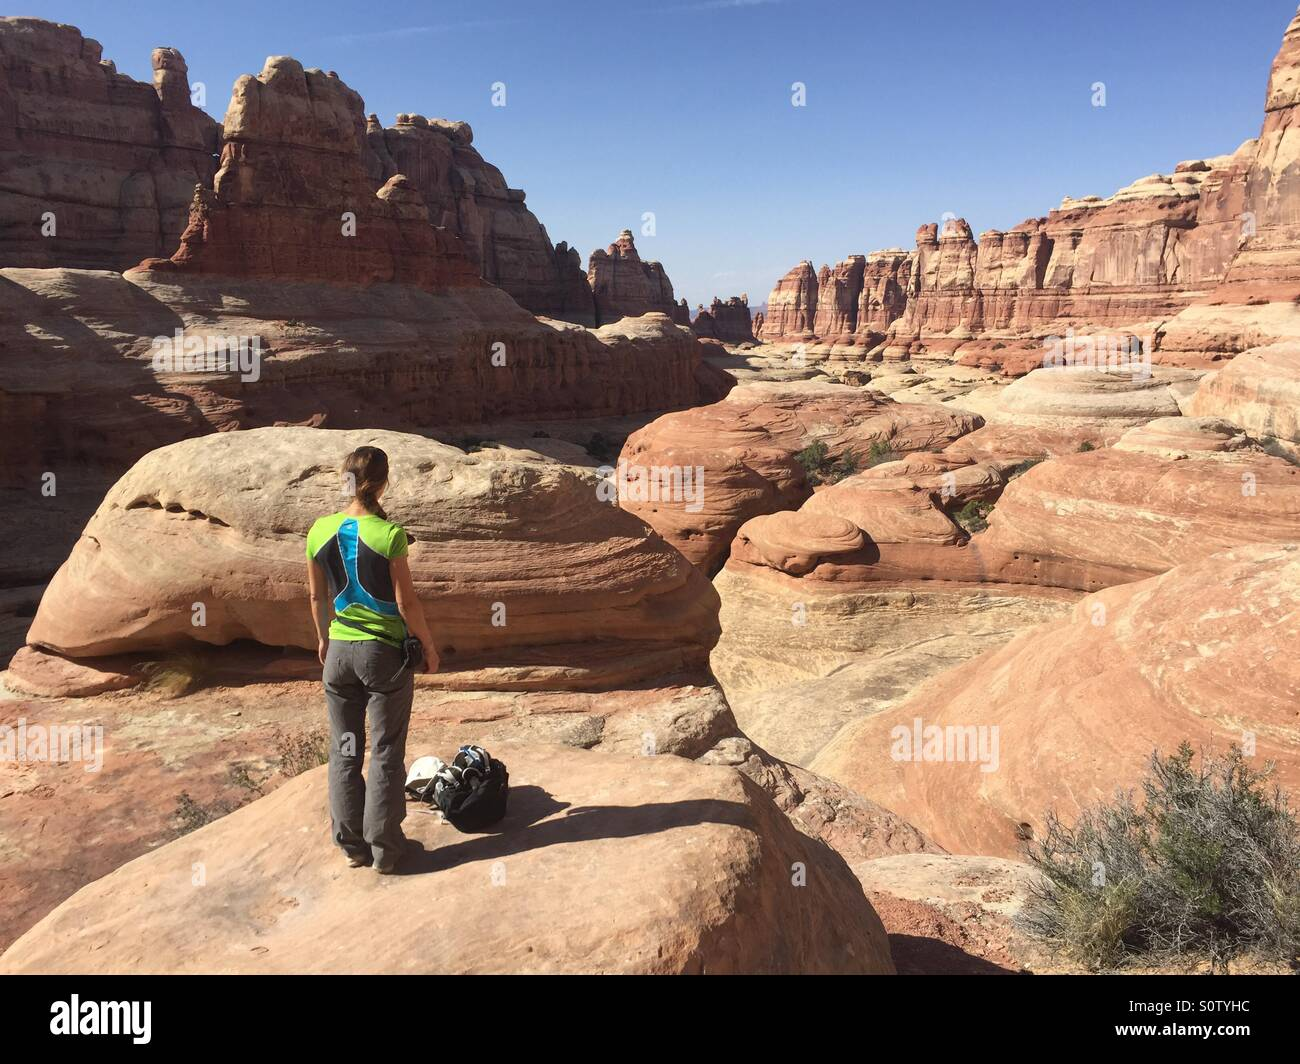 Hiker in Canyonland, Utah - Stock Image